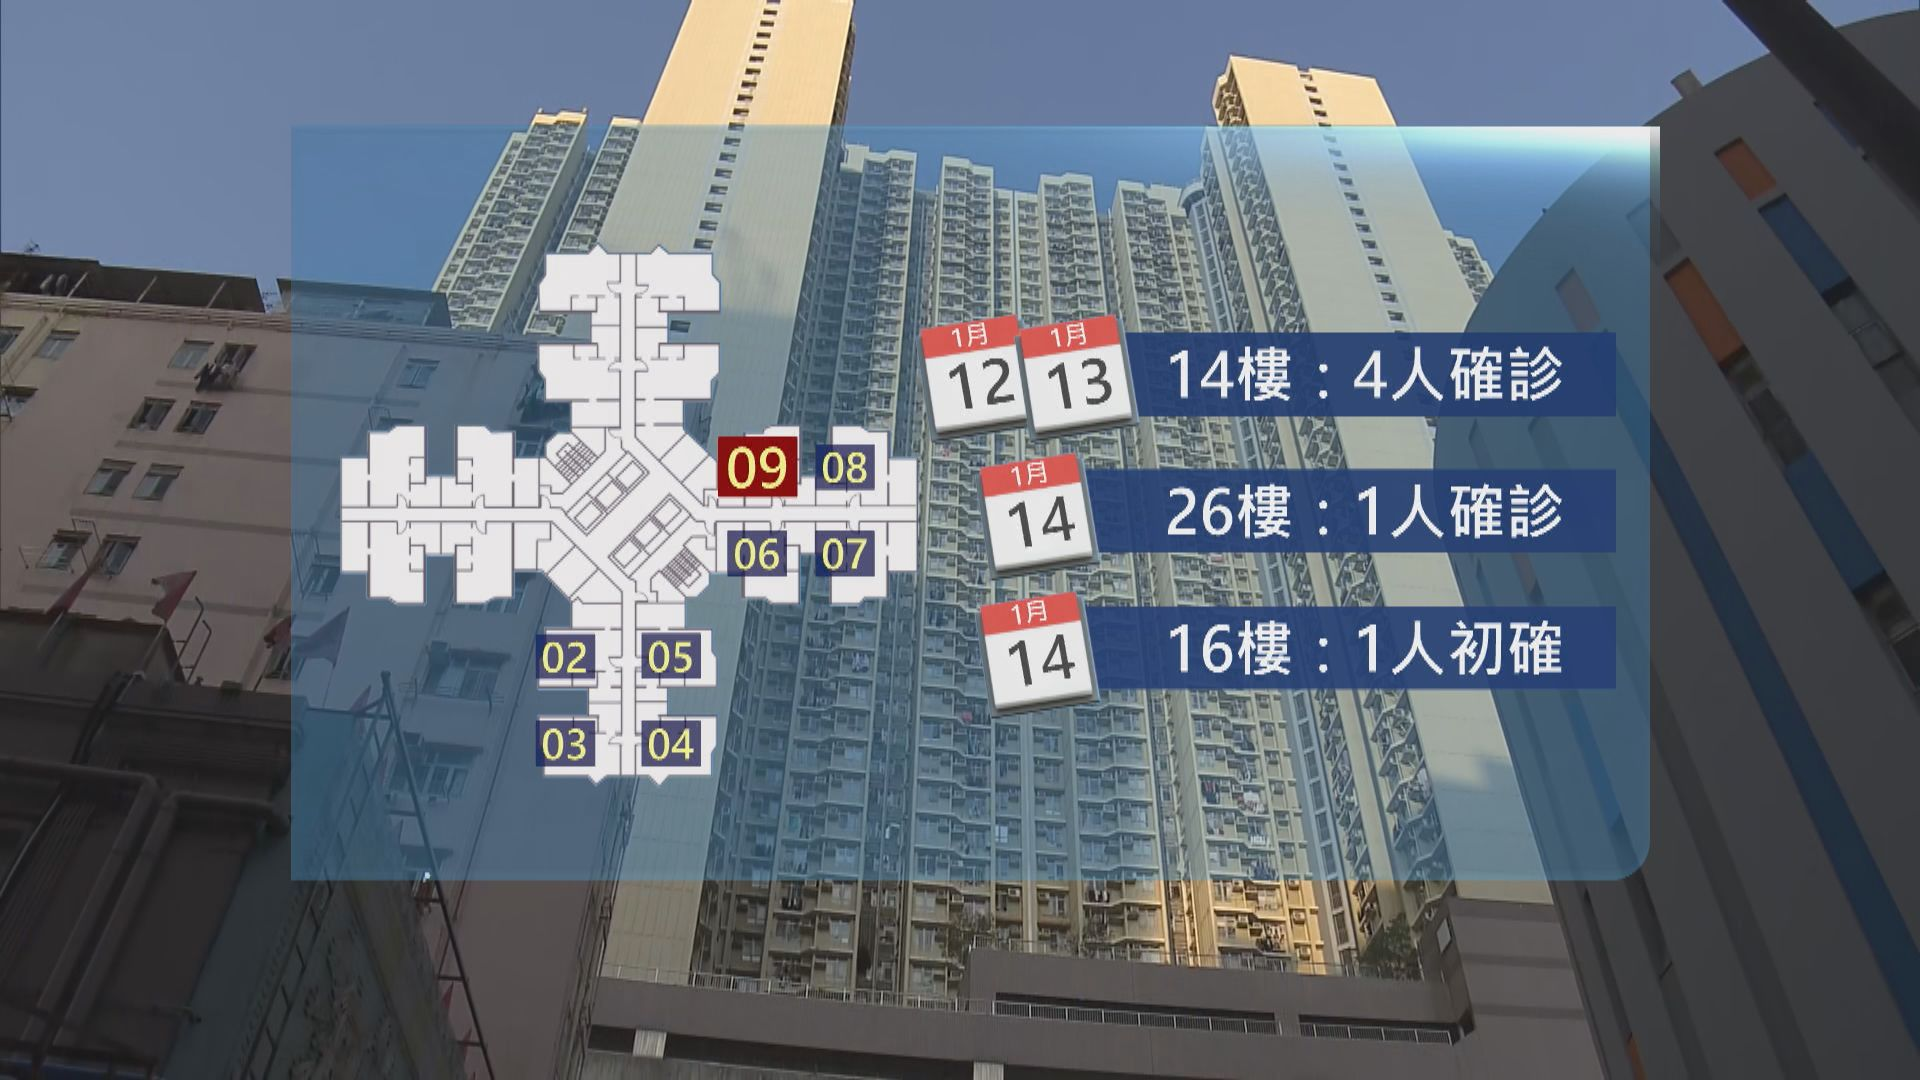 石蔭邨仁石樓09室住戶須撤離 全幢居民須強制檢測